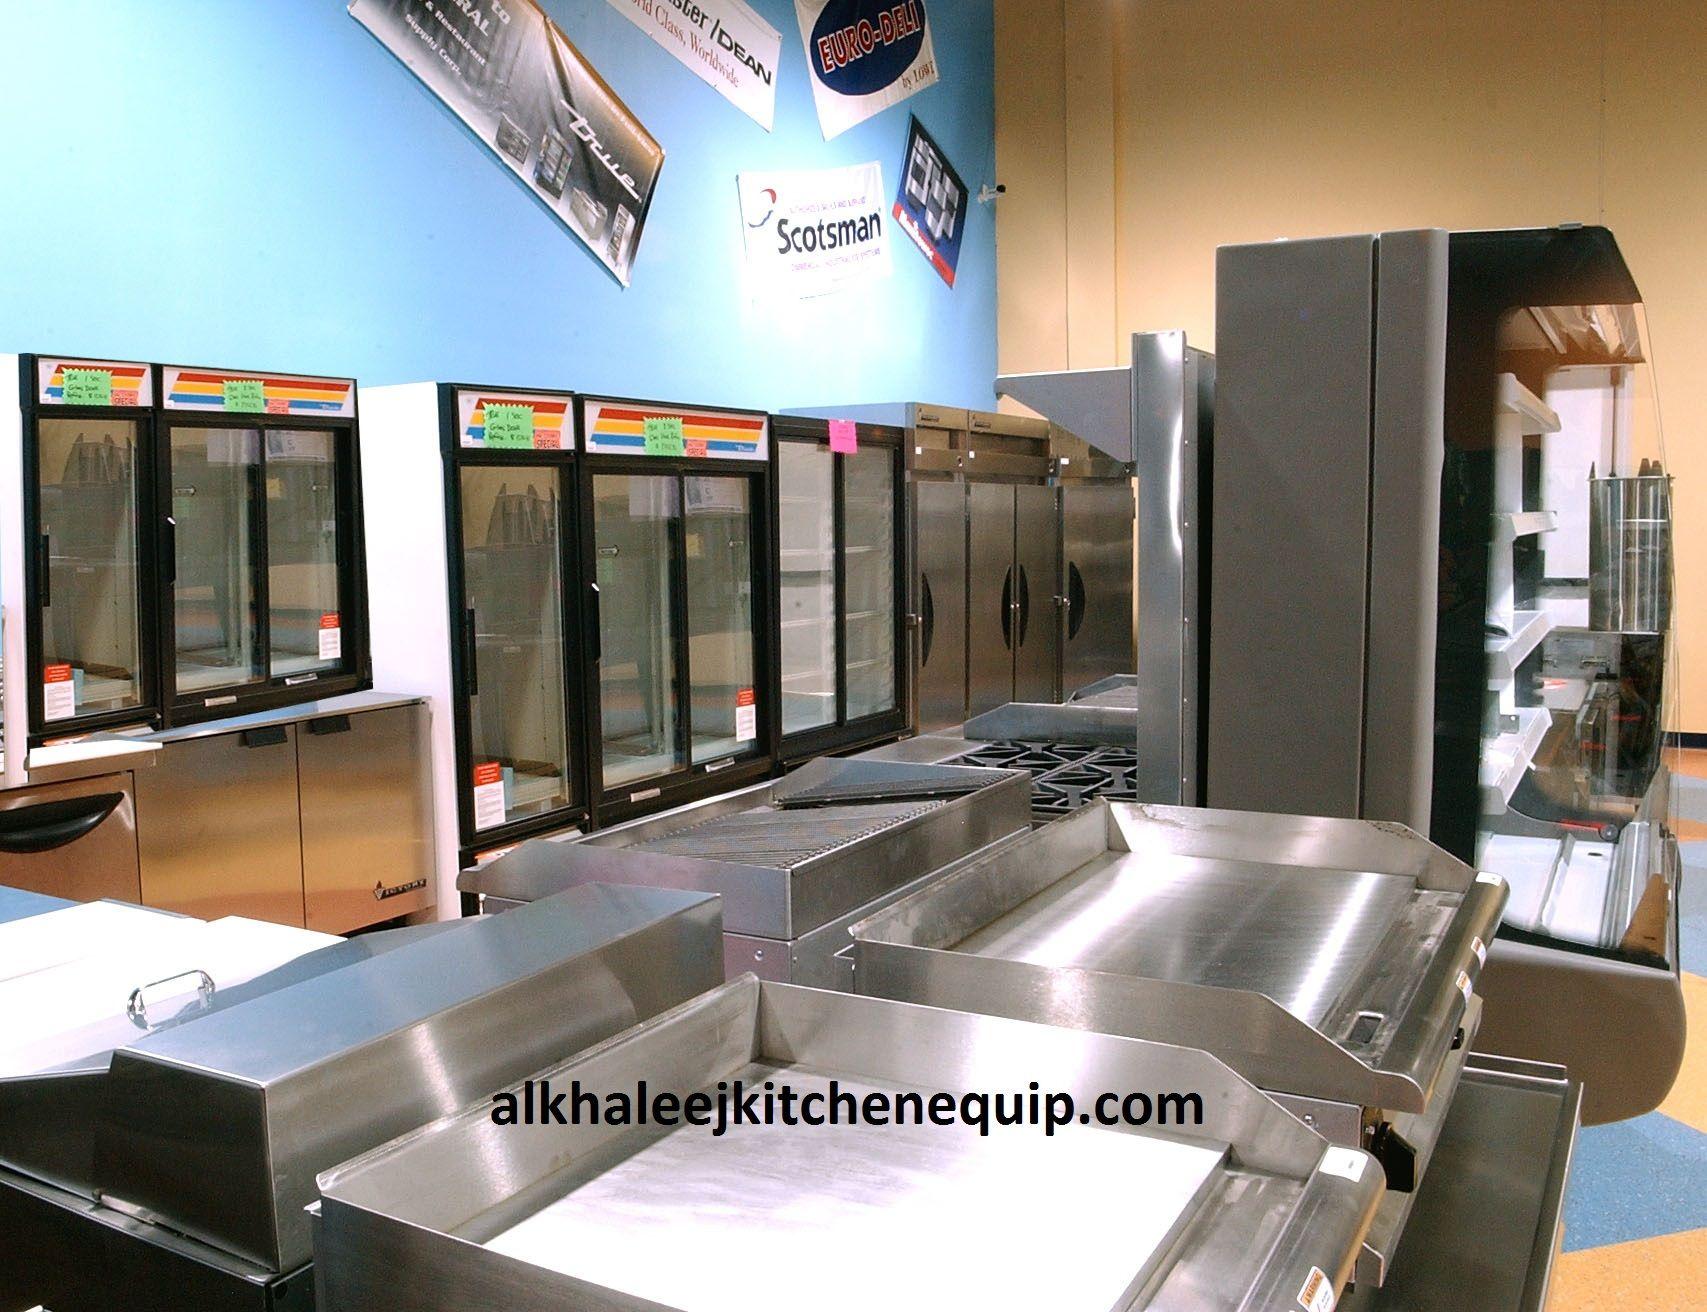 Alkhaleejkitchenequip Commercial Industrial Kitchen Equipment Manufactur Restaurant Kitchen Equipment Restaurant Equipment Commercial Restaurant Equipment